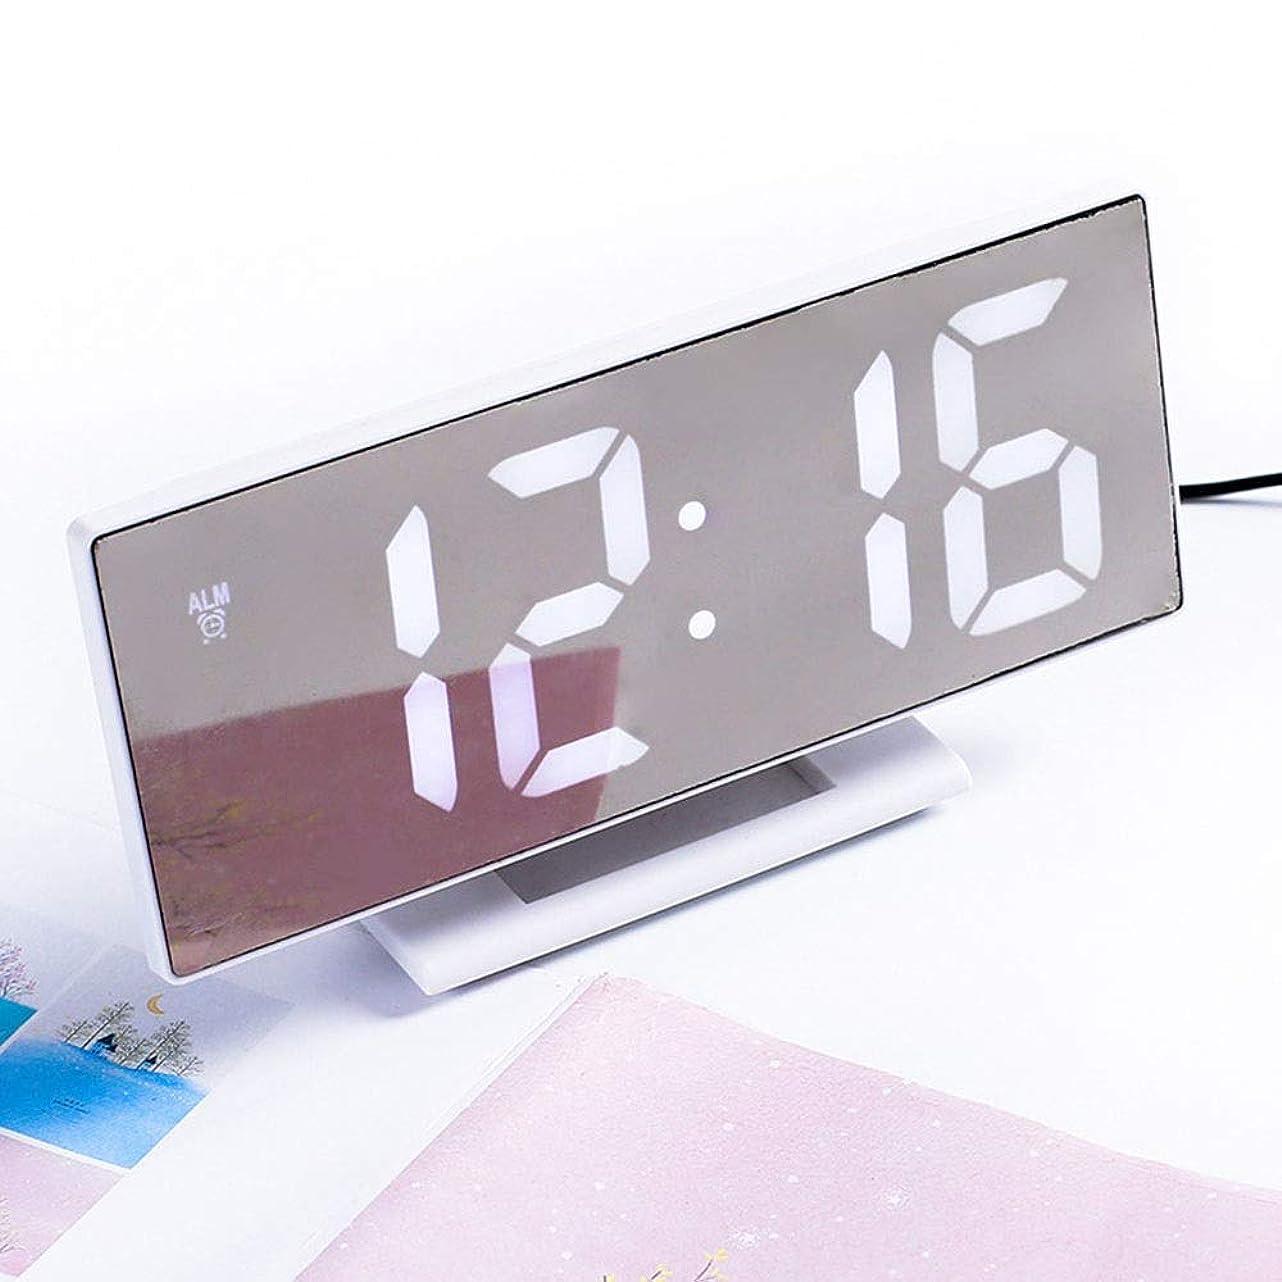 人形生態学絶望的なLVESHOP デジタル目覚まし時計LEDミラークロック多機能スヌーズ表示時間ナイトテーブルデスクトップオフィスホーム寝室 (色 : T3)